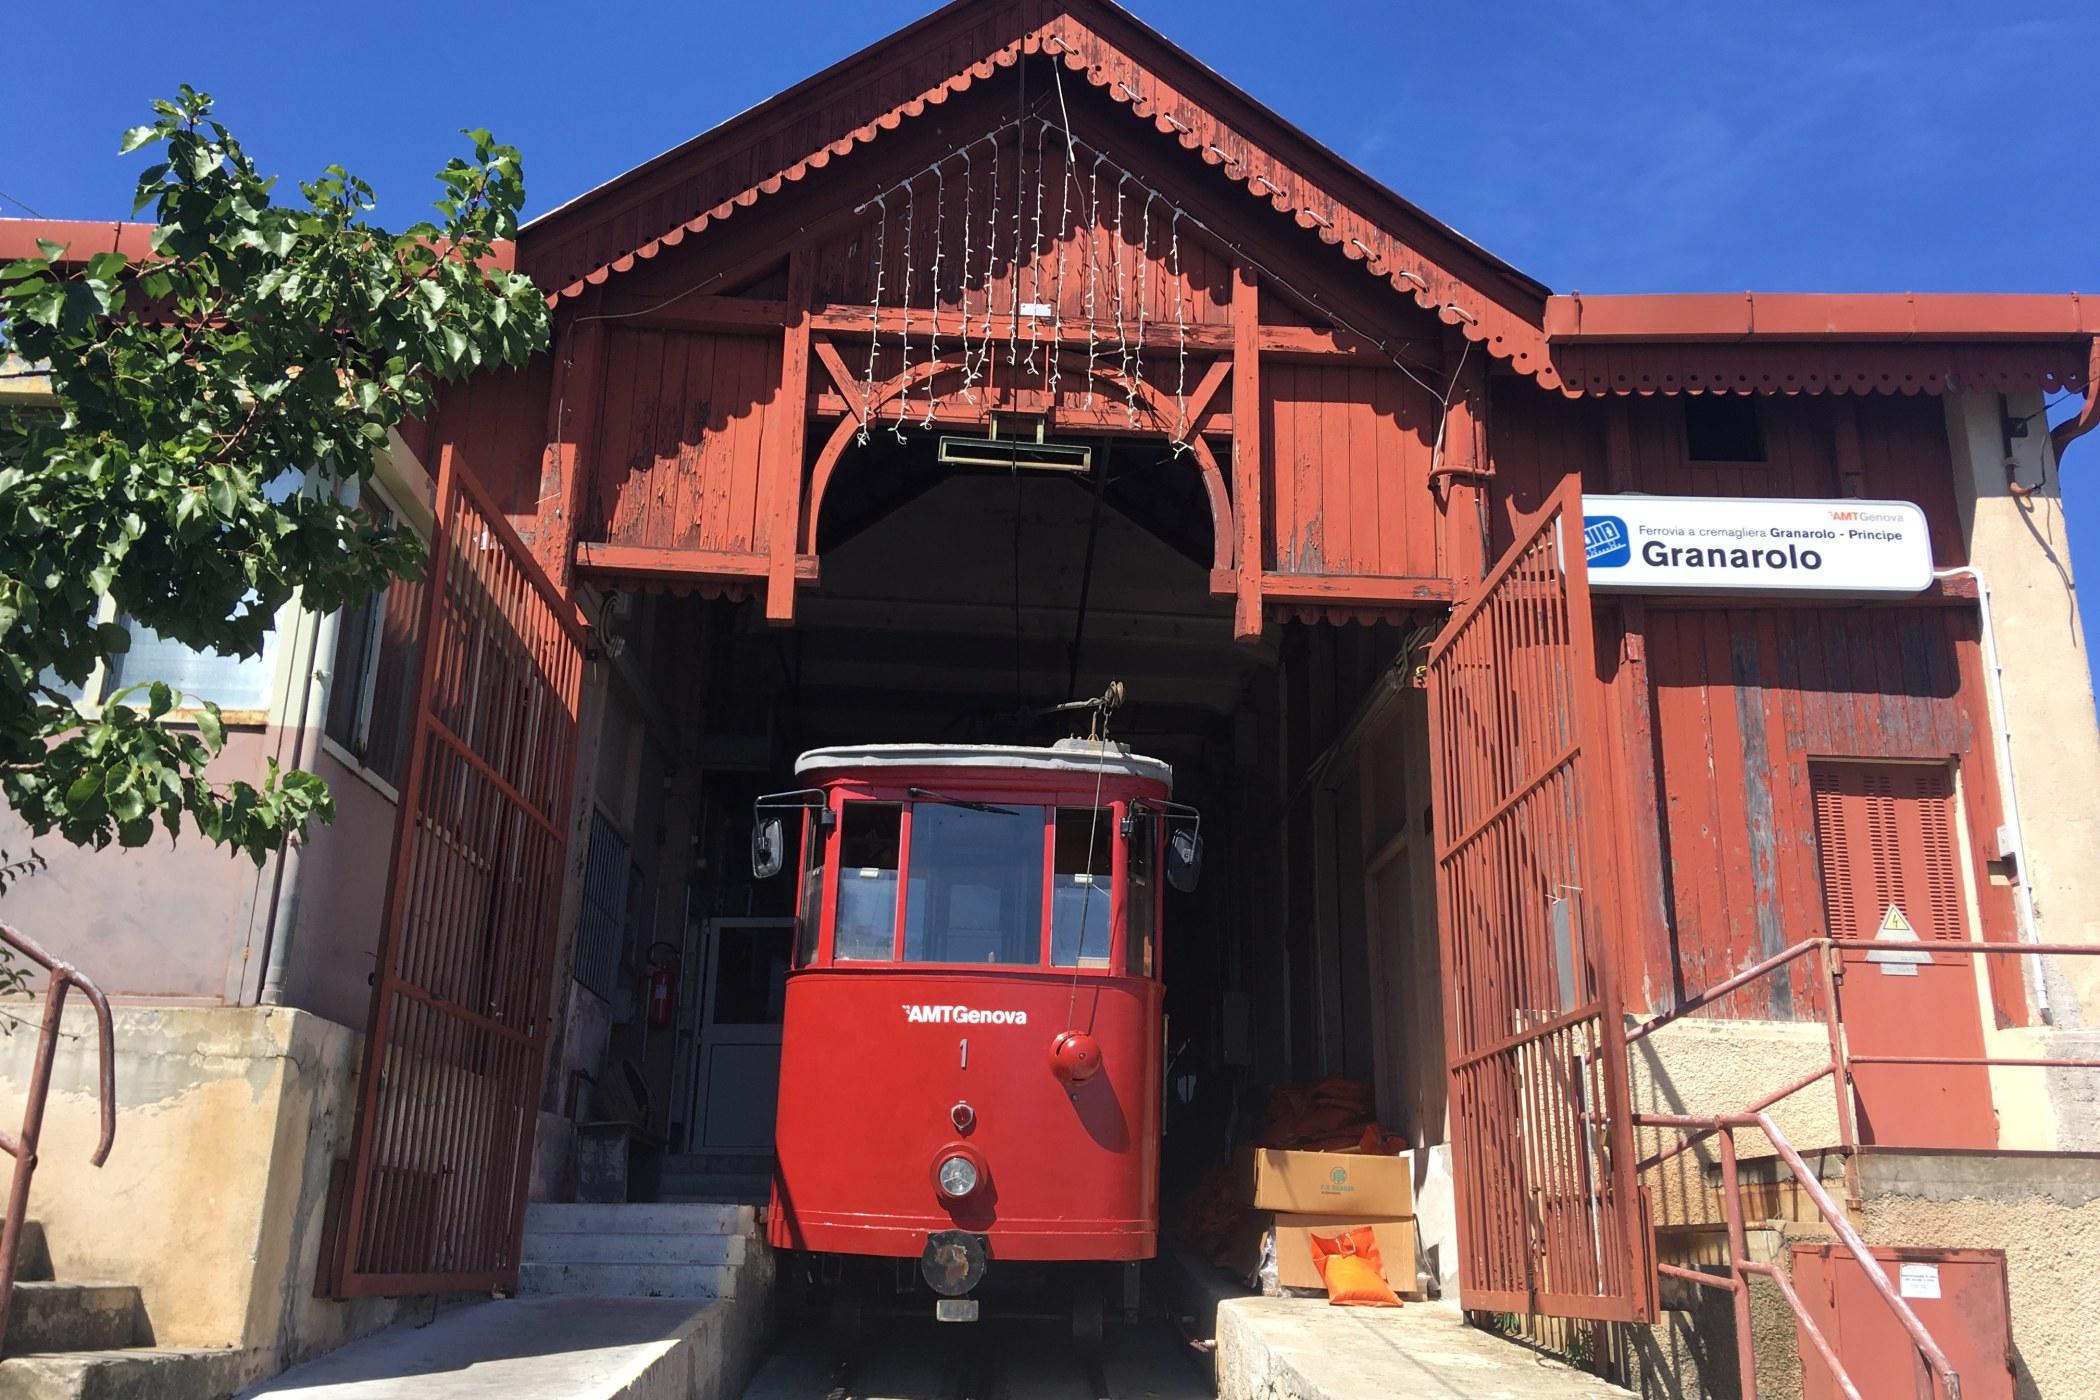 Konečná stanice Granalore vypadá trochu jako červená stodola